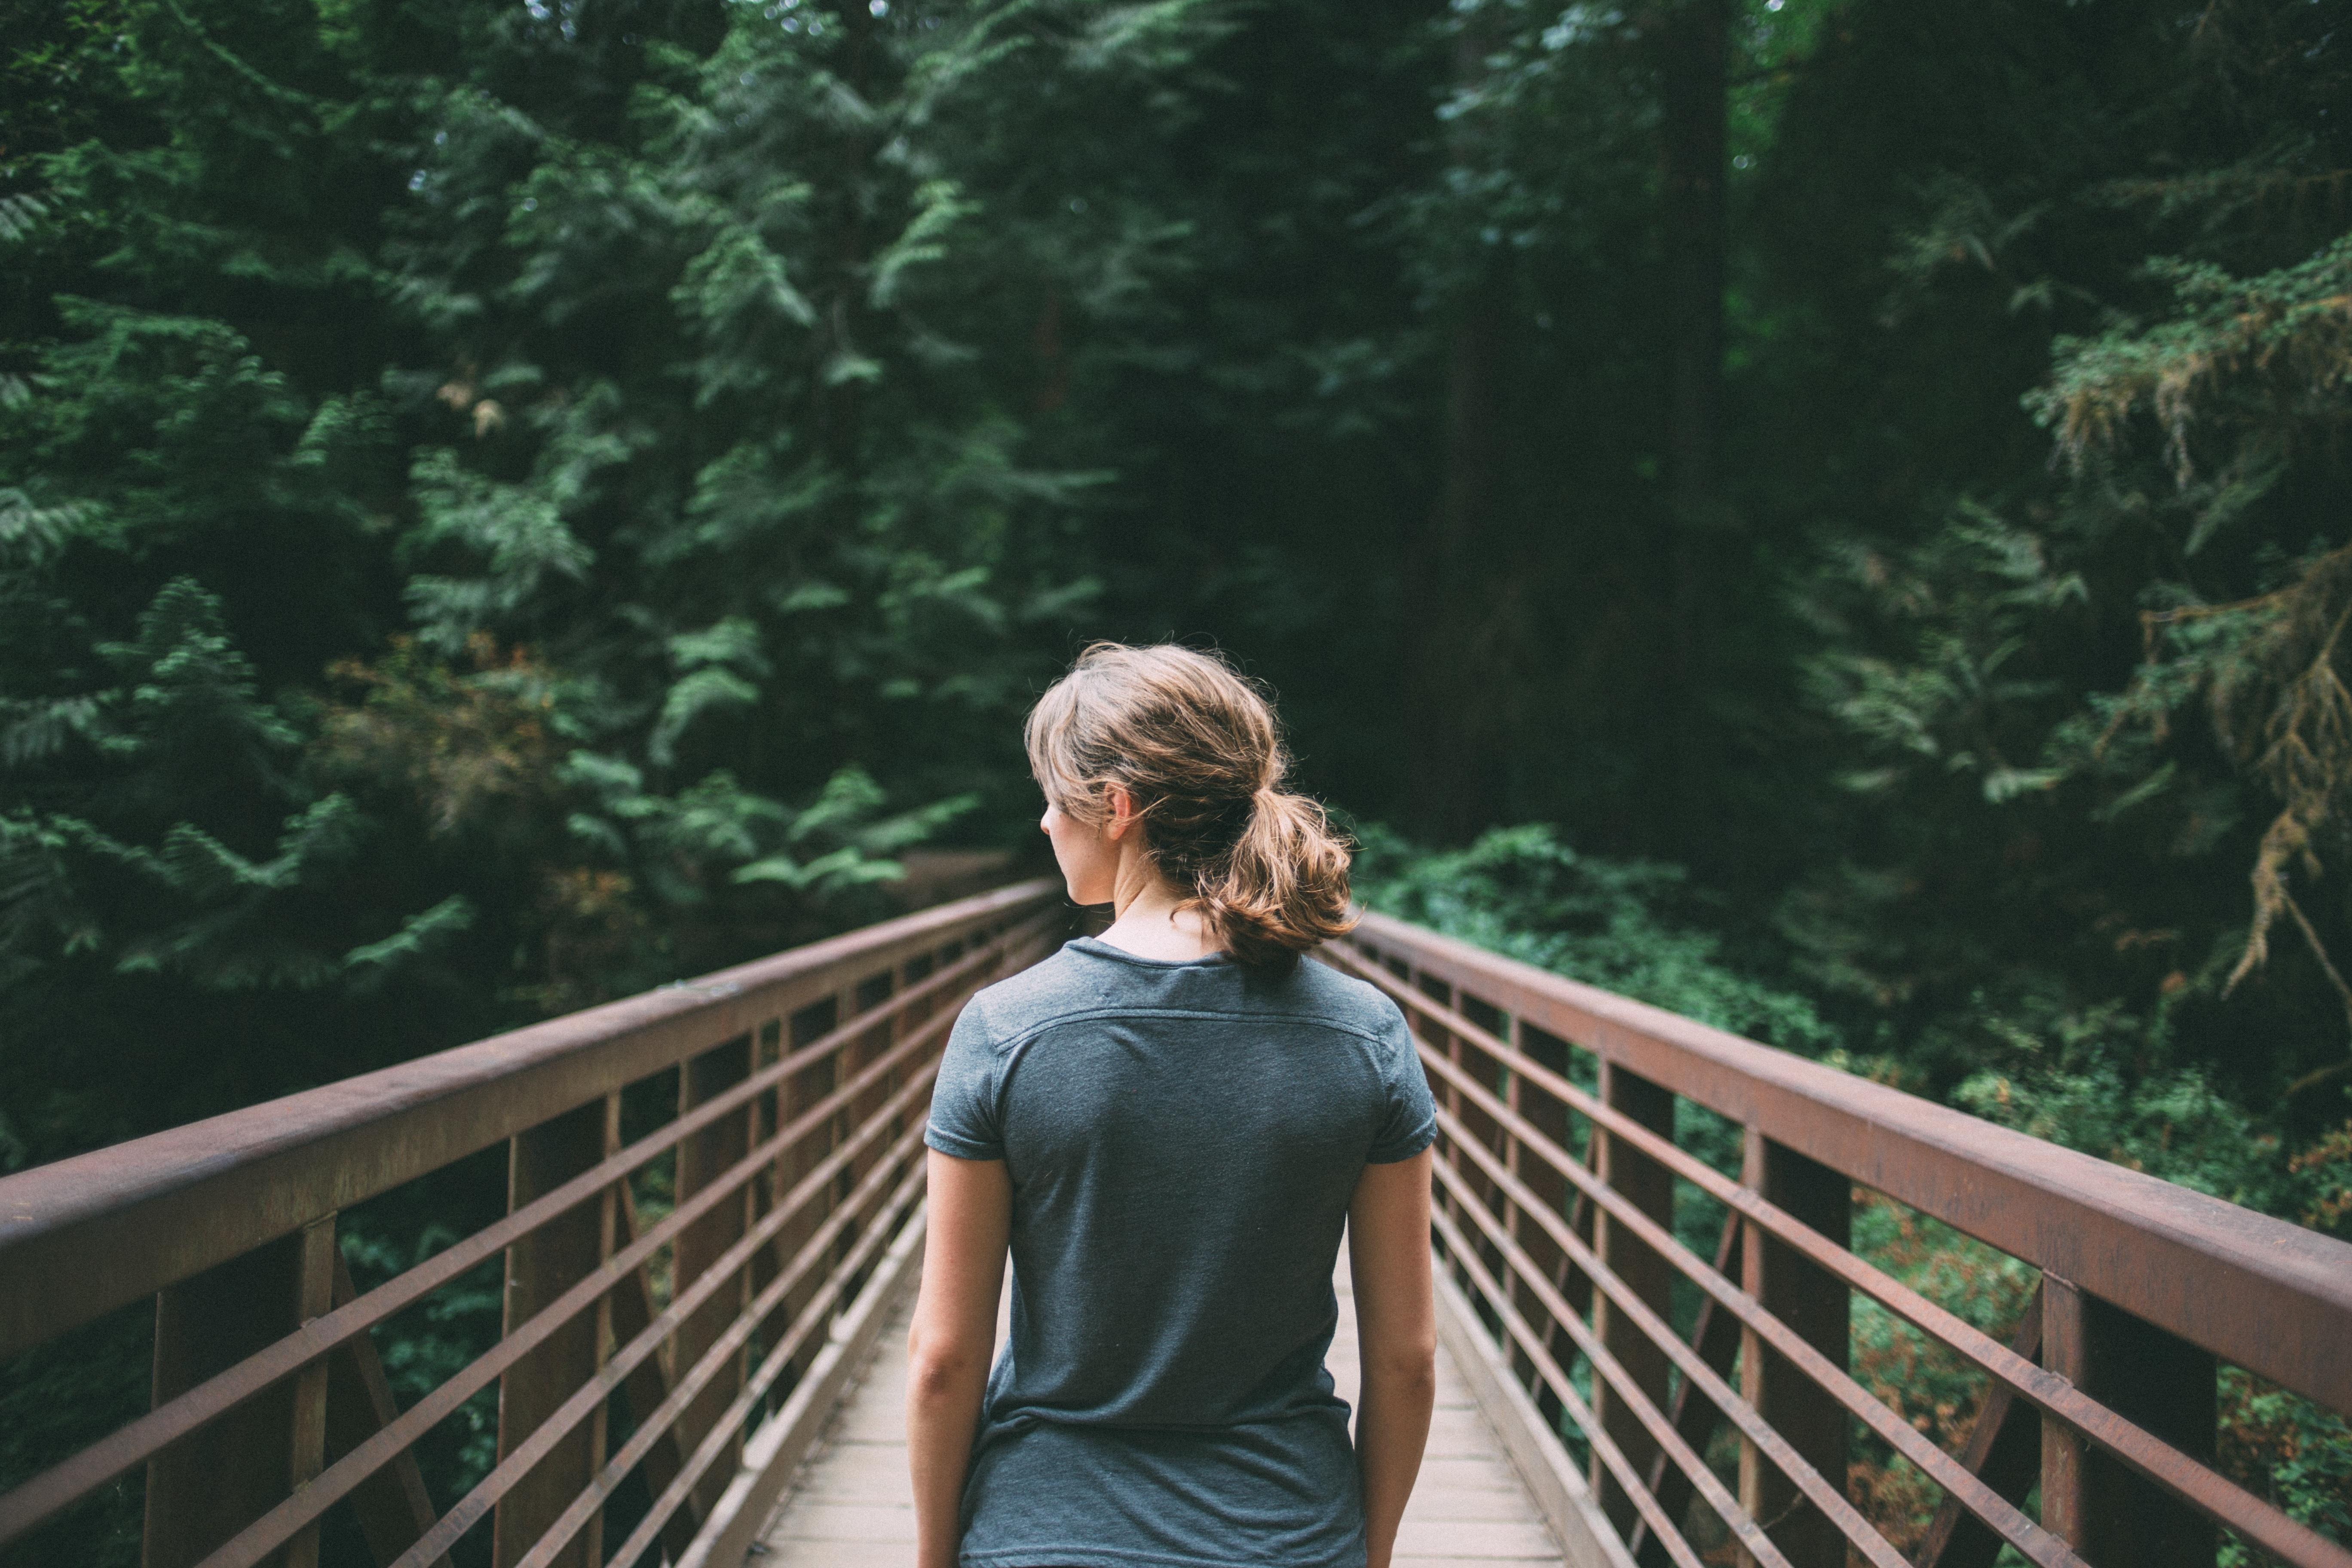 картинки на мосту человека серебристым или